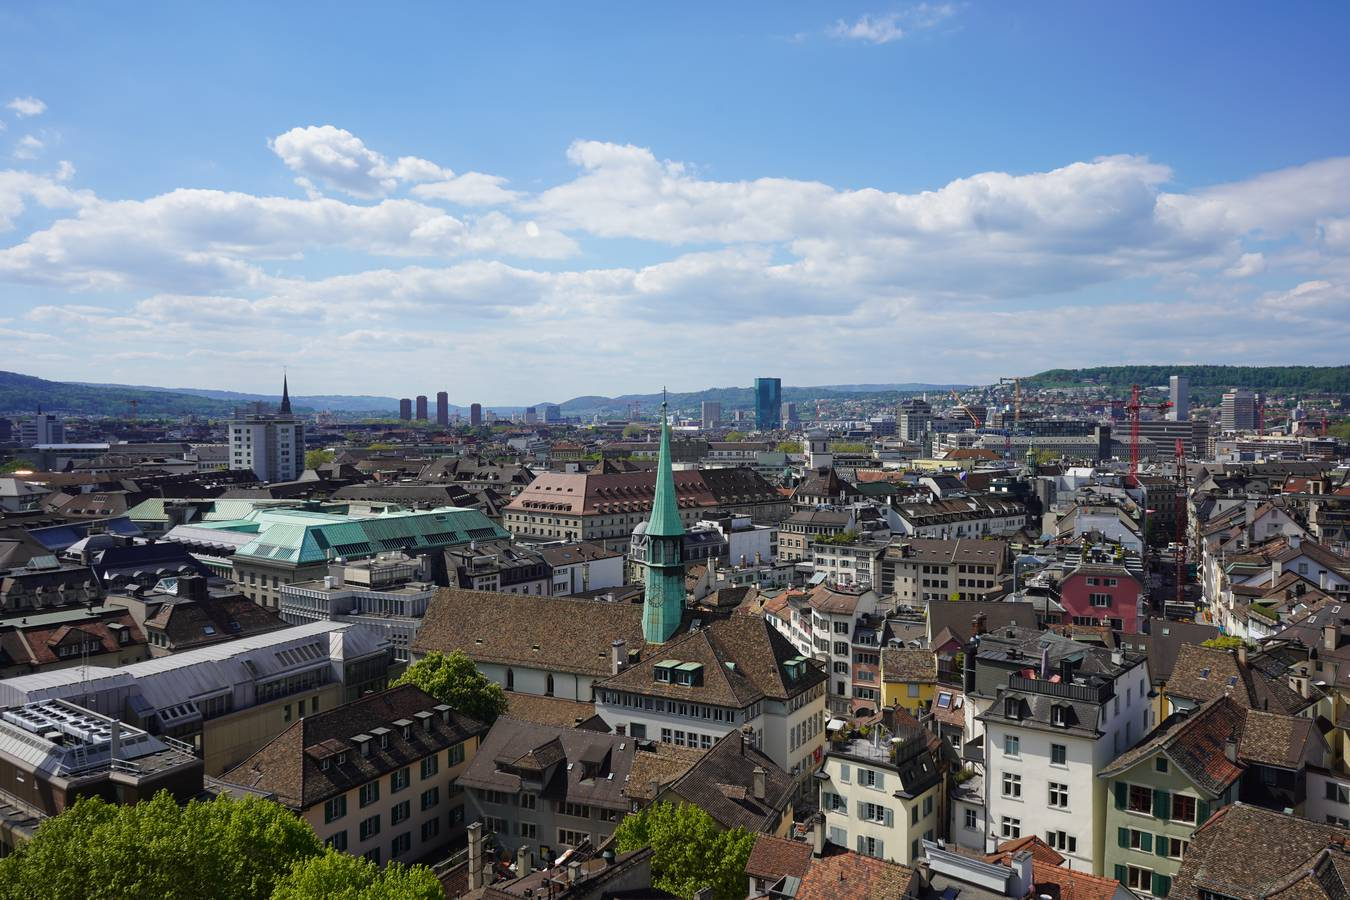 Das ist die wunderschöne Aussicht von der St. Peter Kirche über Zürich. (© Radio 24)